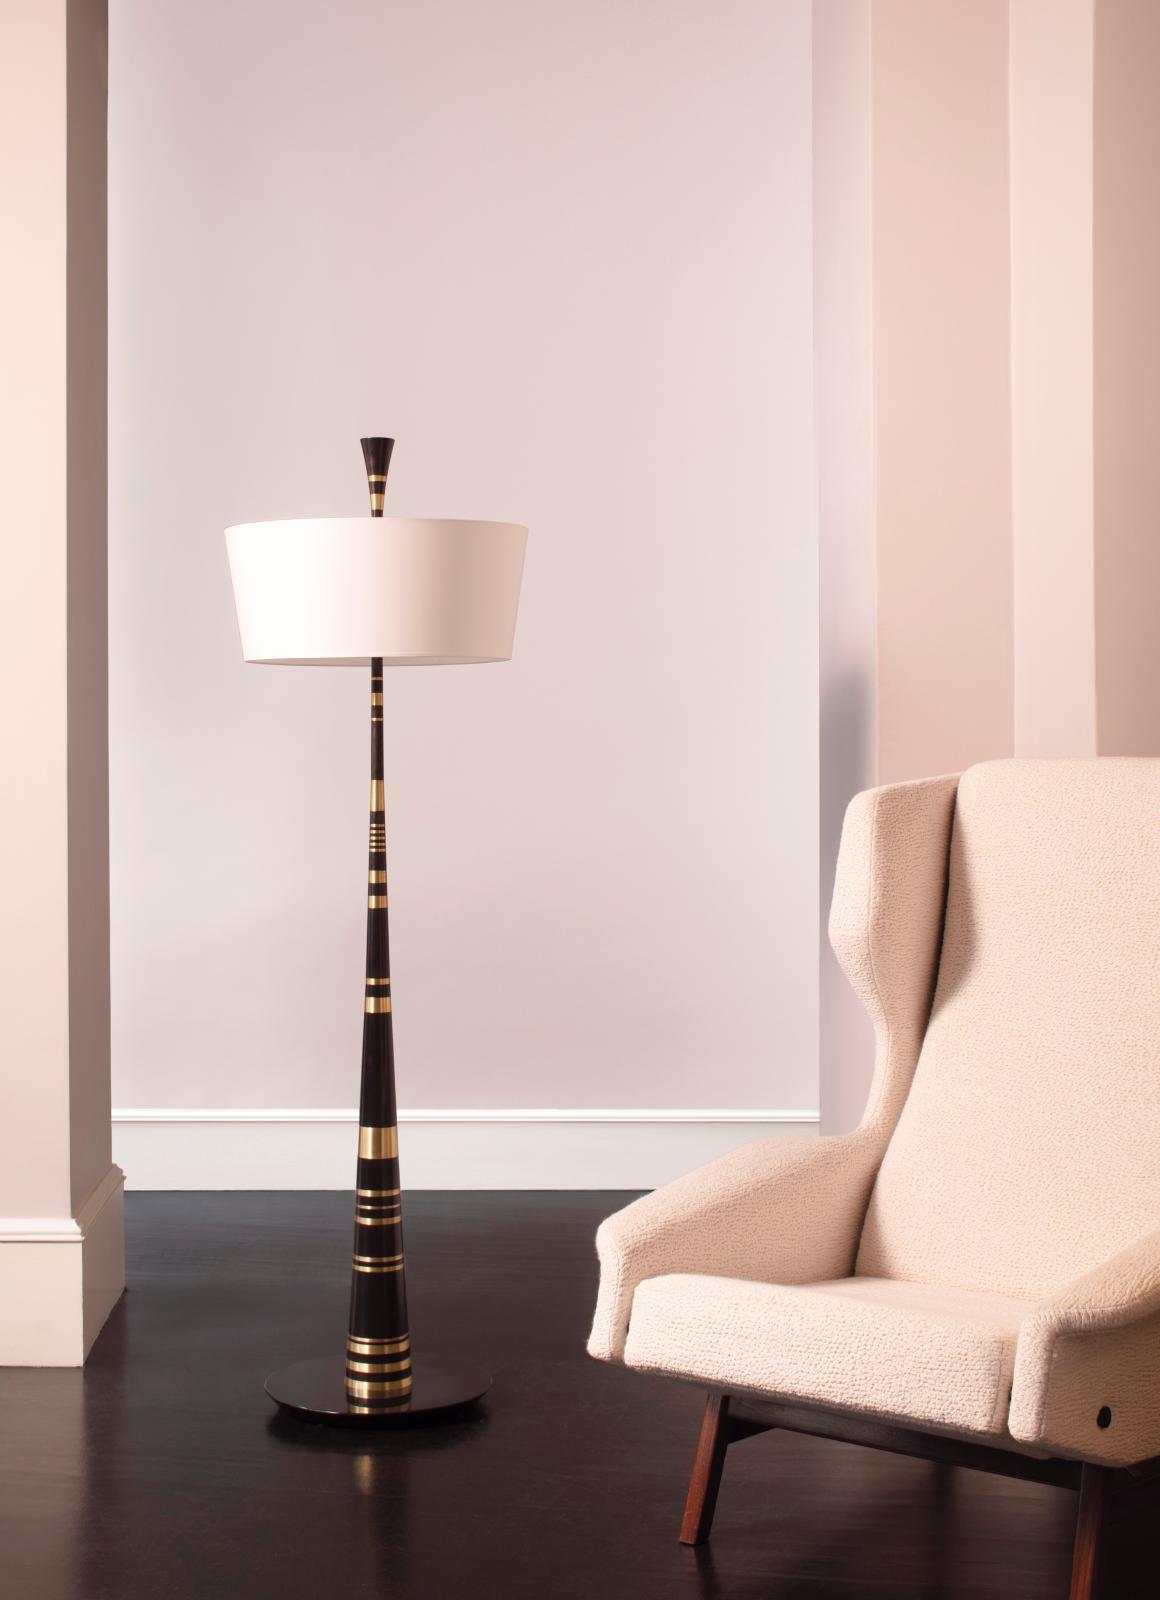 LampadaireTwiggyd'Hervé Van der Straeten, bronze et marbre, et fauteuil de Gianfranco Frattini. © Cécil Mathieu /Alexandre Biaggi